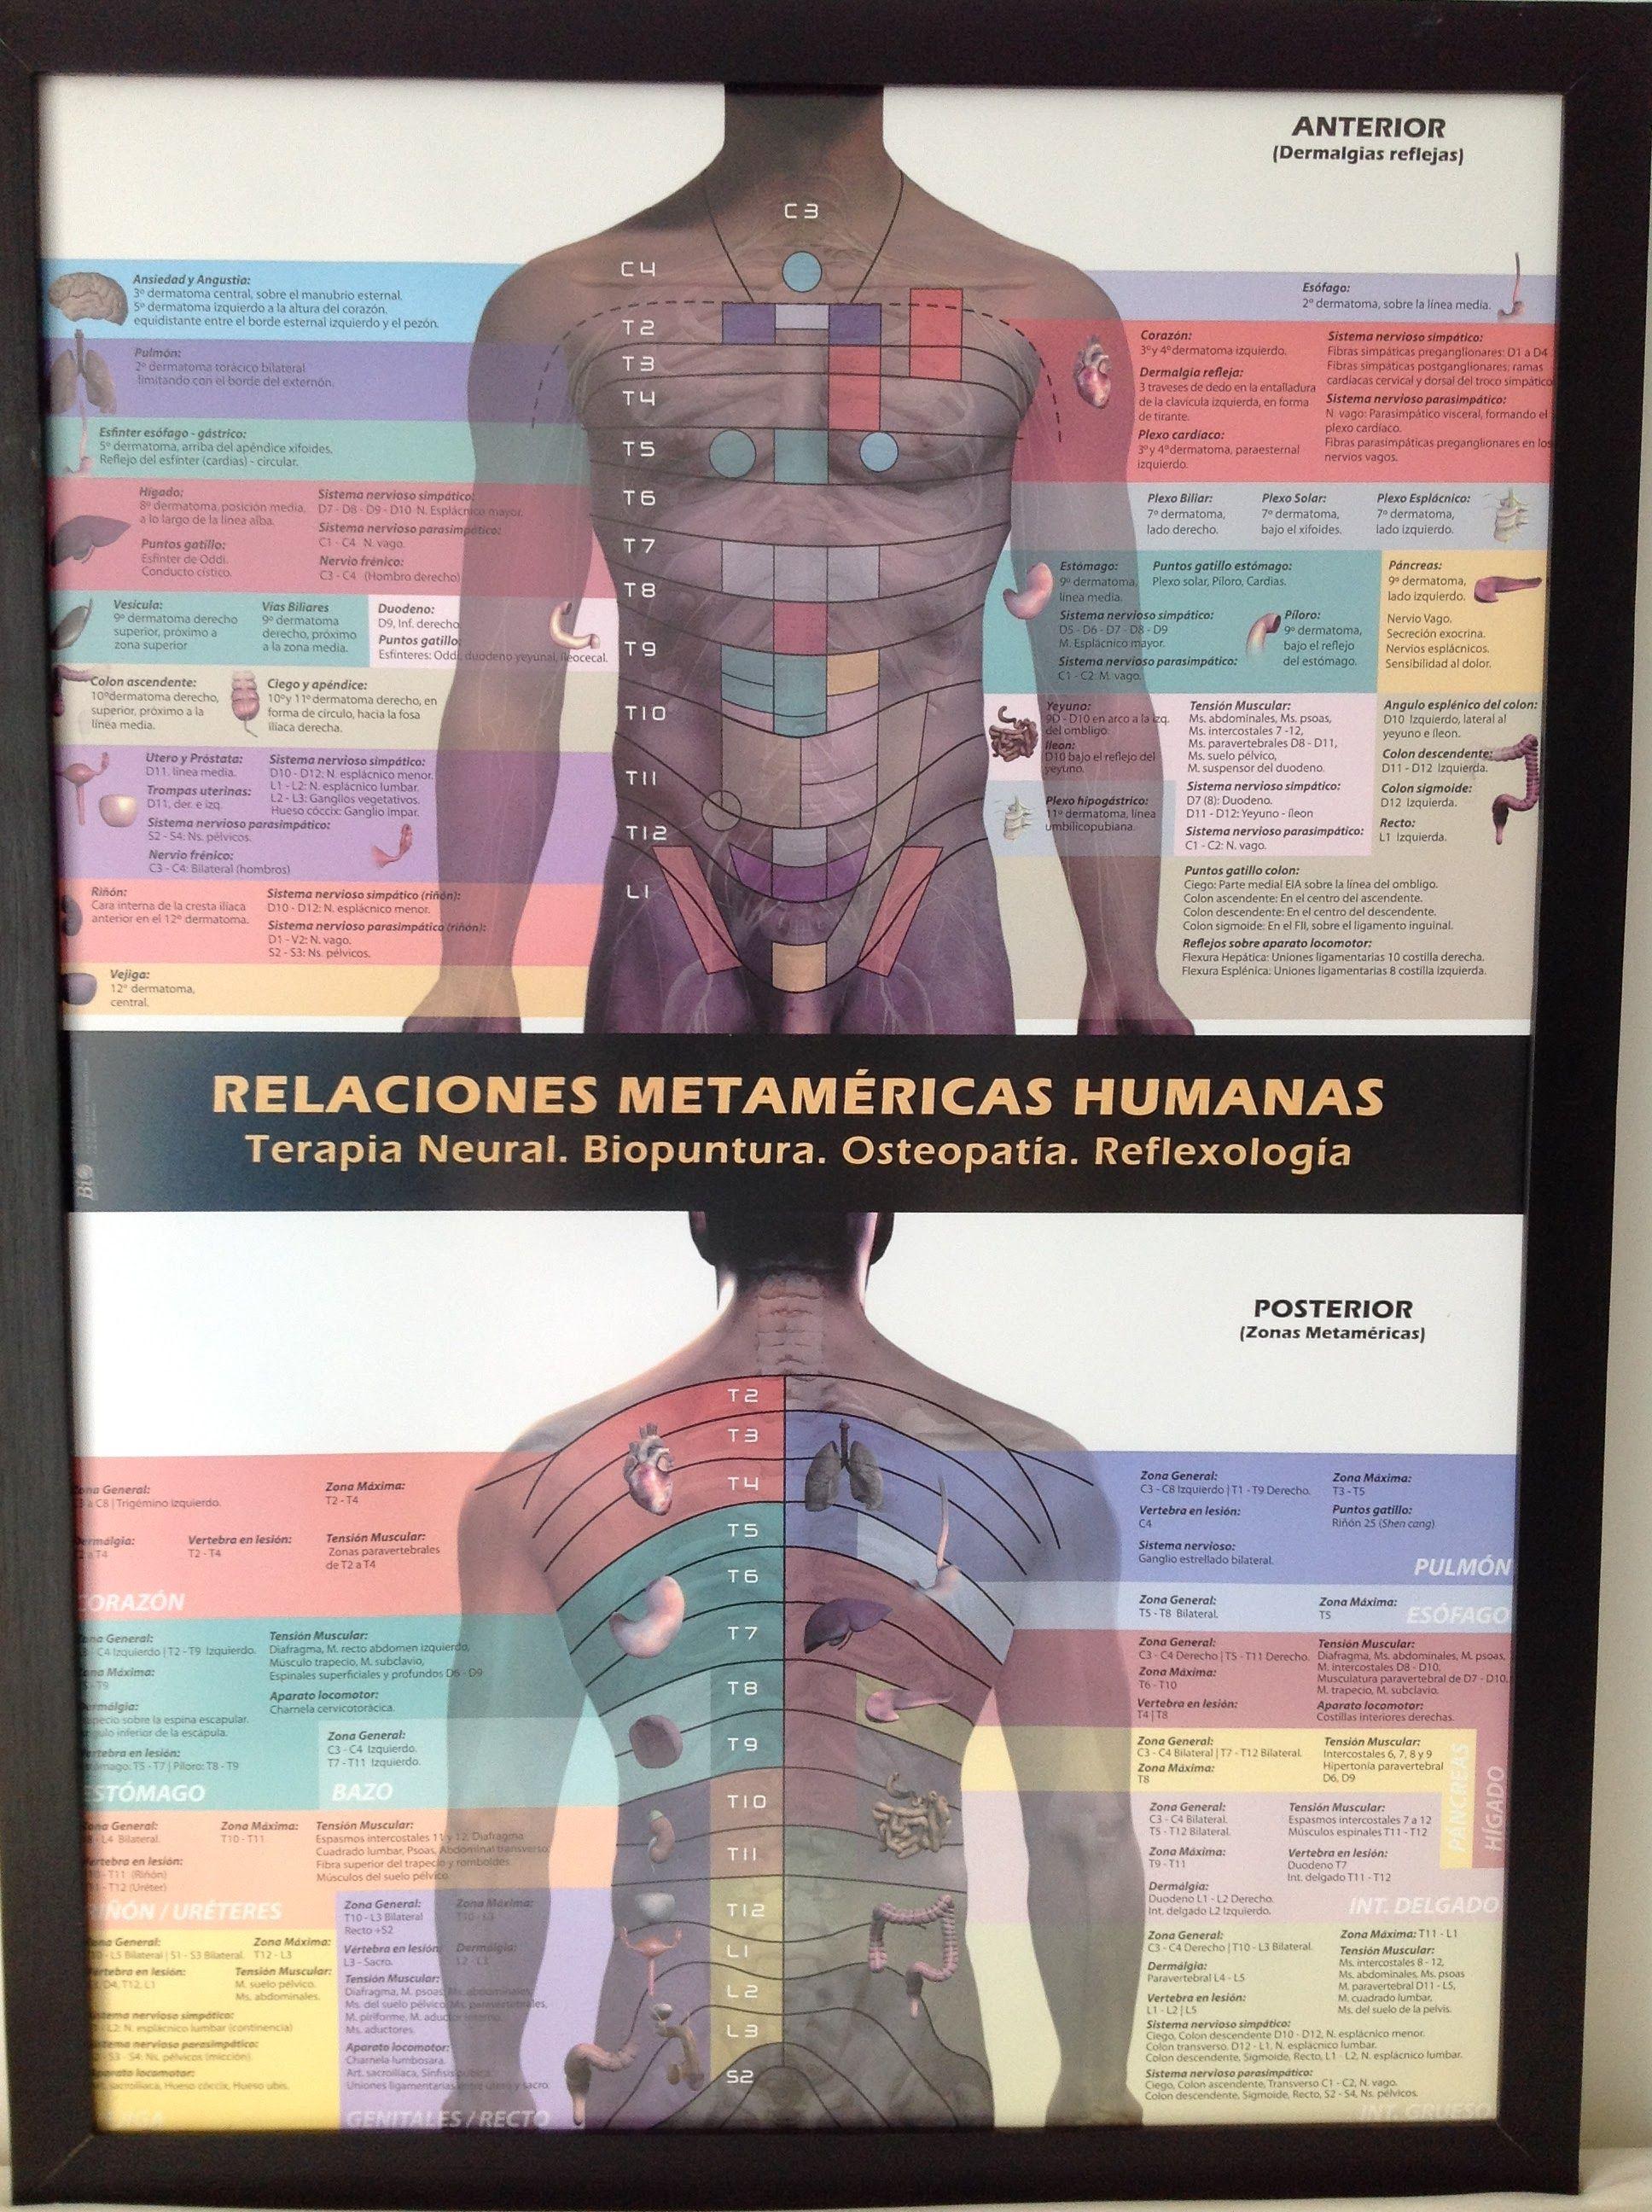 Resultado de imagen de relaciones metamericas humanas | Health and ...